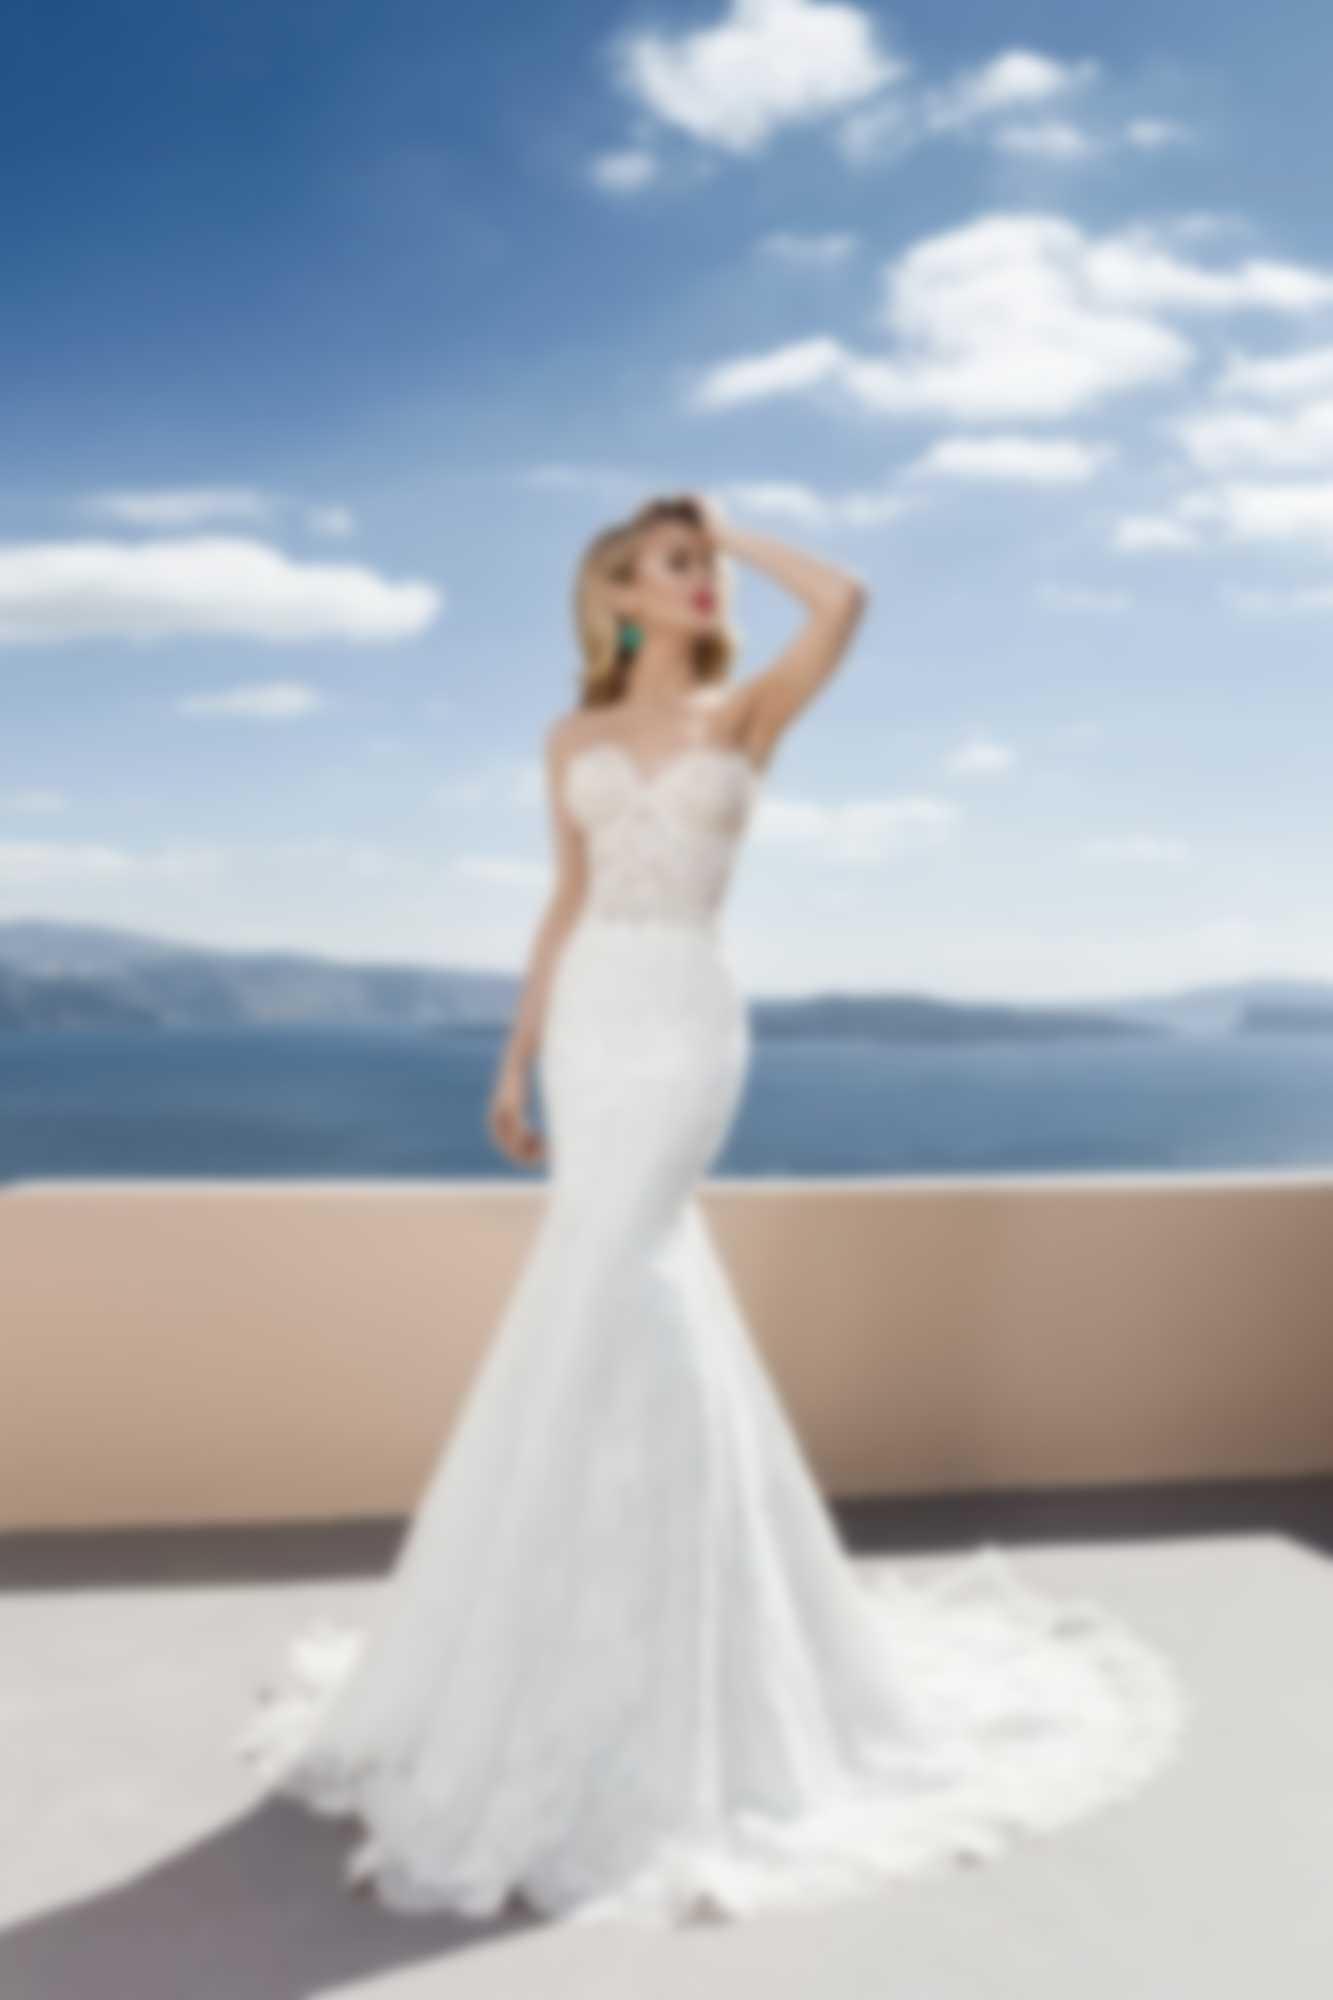 картинки свадебного платья русалка обследования определение конструктивных